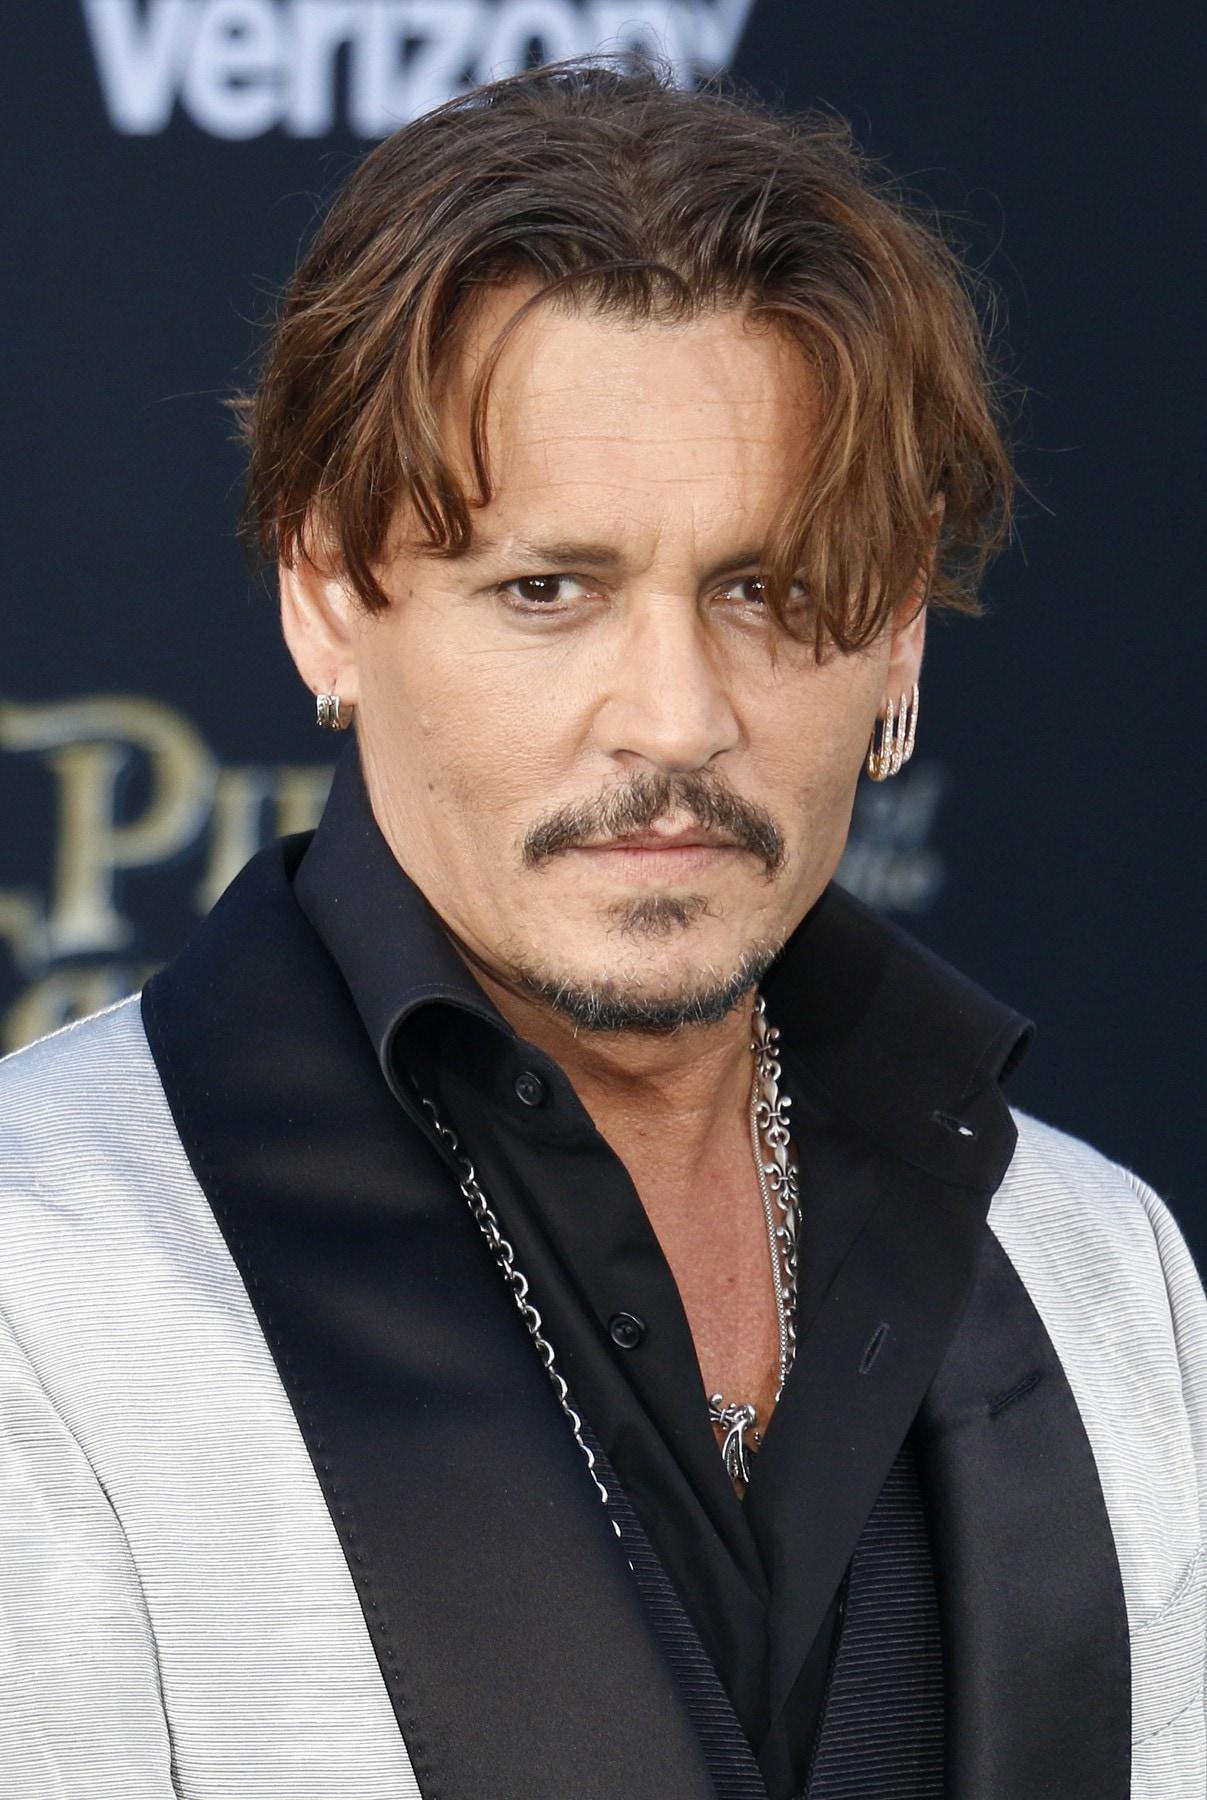 จอห์นนี เดปป์ Johnny Depp ทรงผมชาย ยุค 90